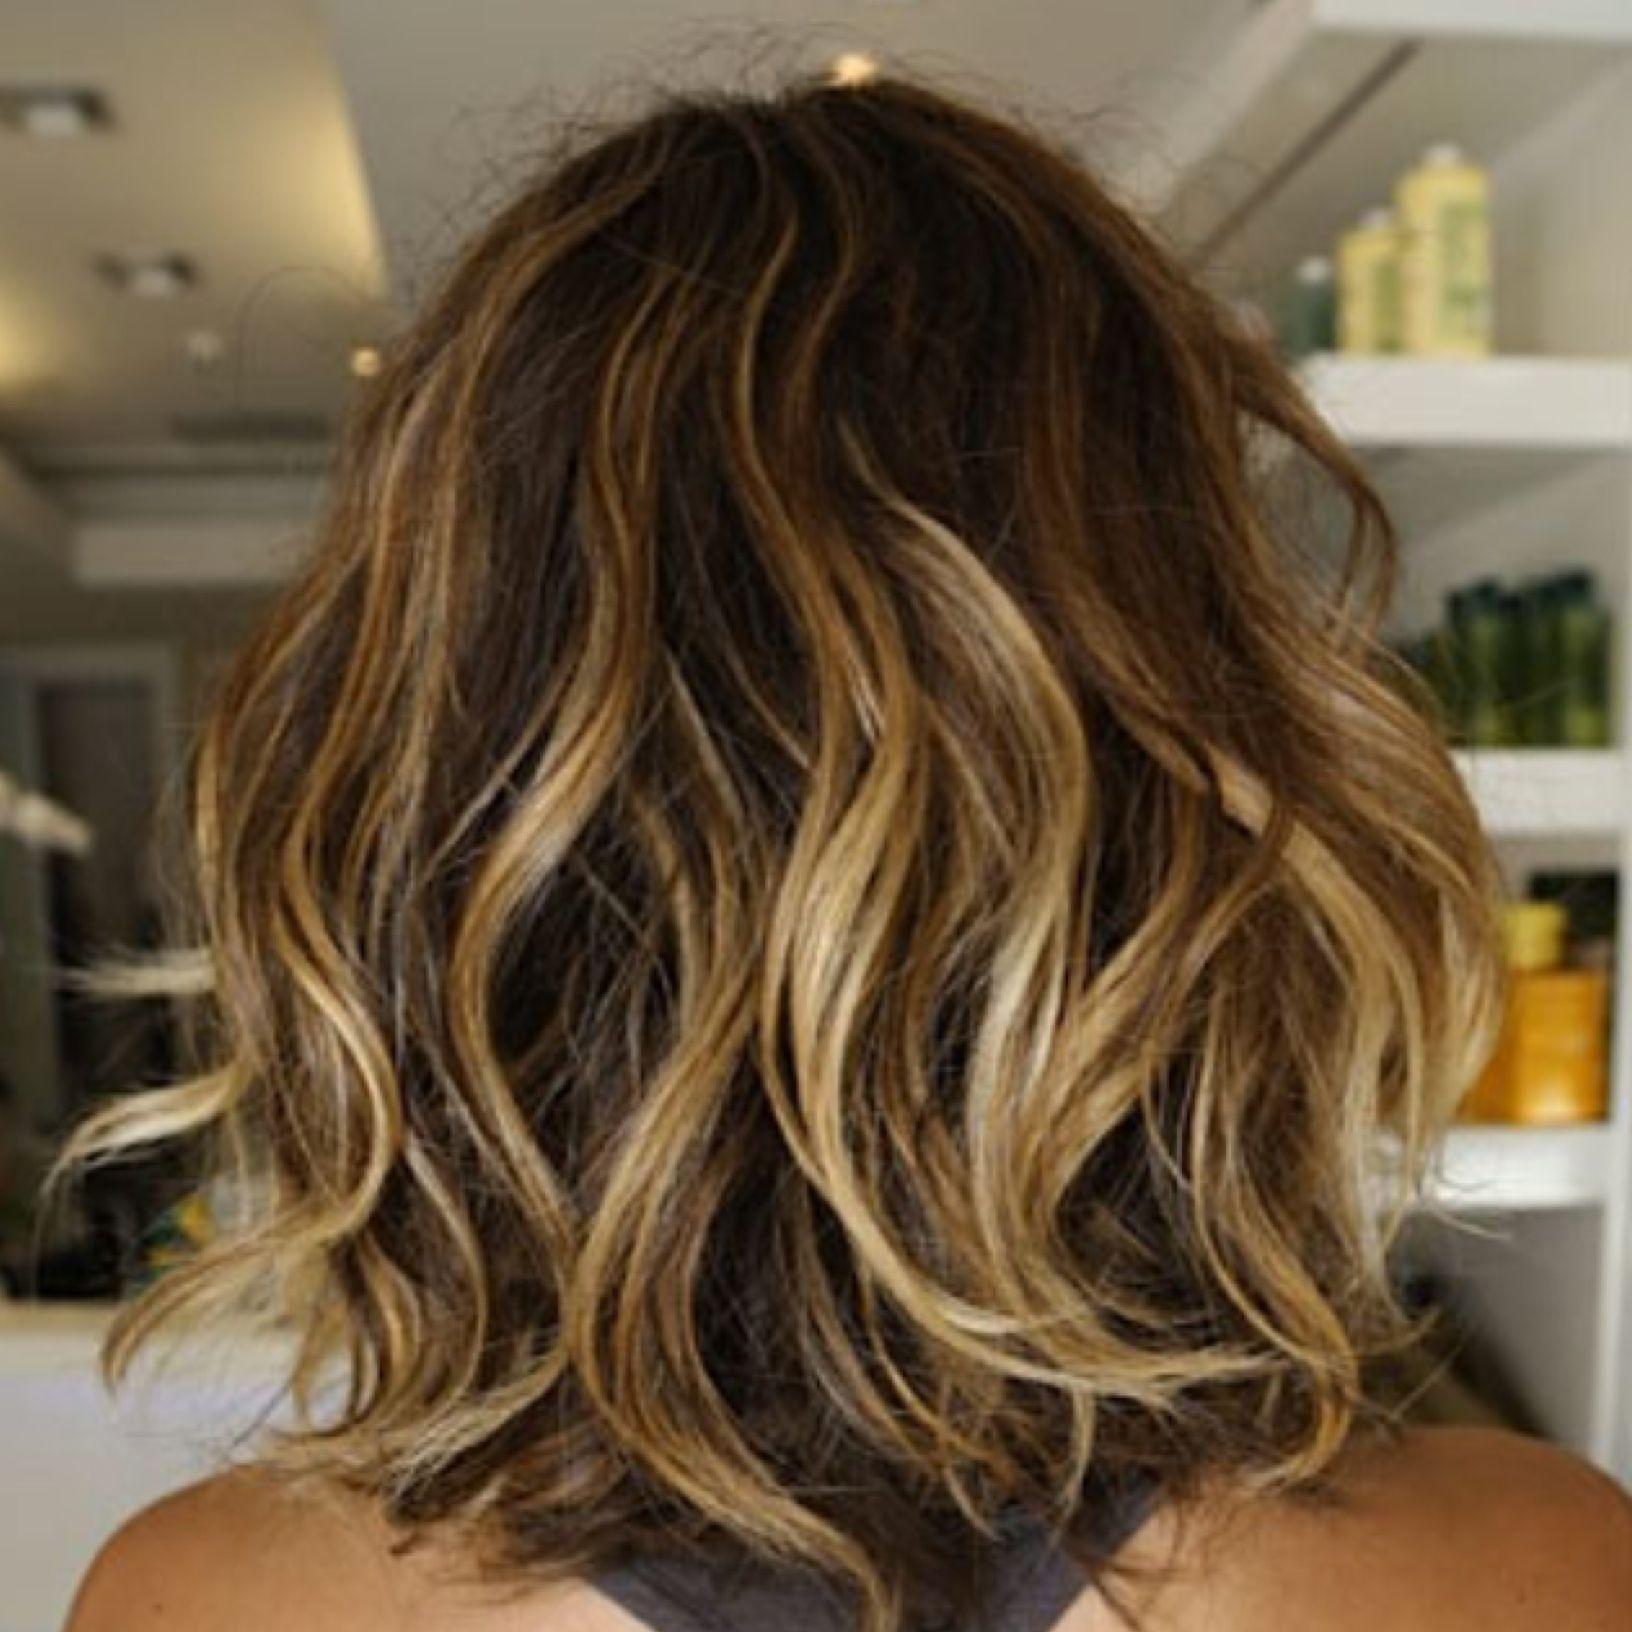 Tousled Bob #HairInspiration #BeachHair